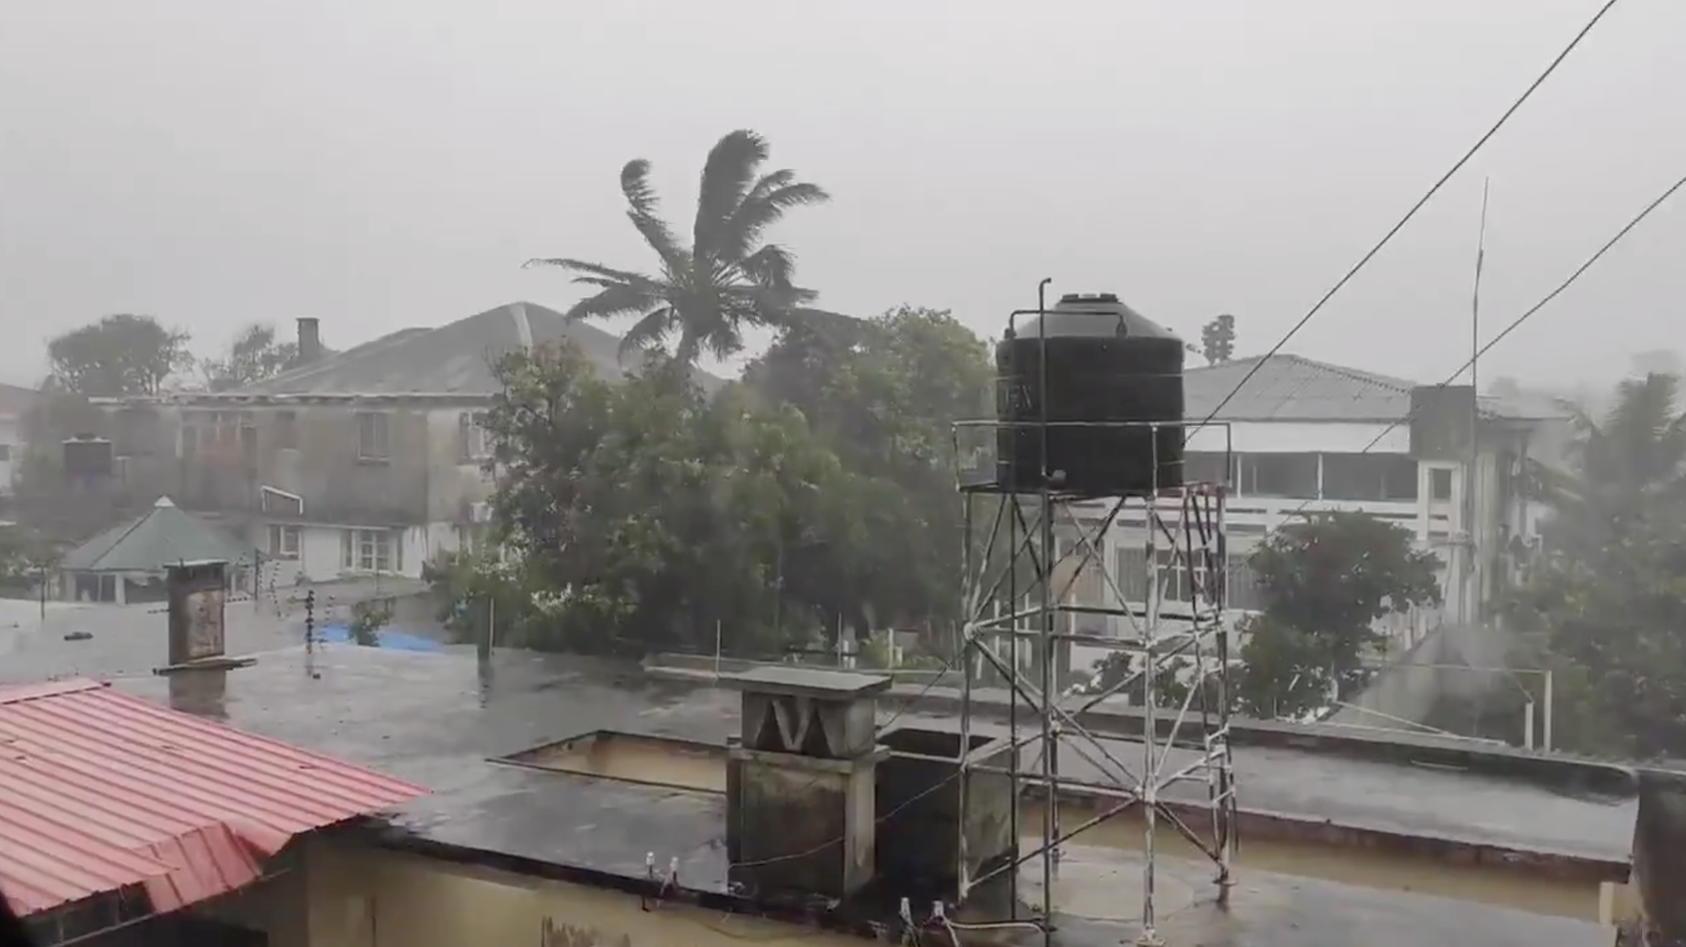 Zyklon ELOISE bringt heftige Regenfälle nach Mosambik. Wie vor zwei Jahren, als Sturm IDAI wütete, ist die Stadt Beira betroffen.